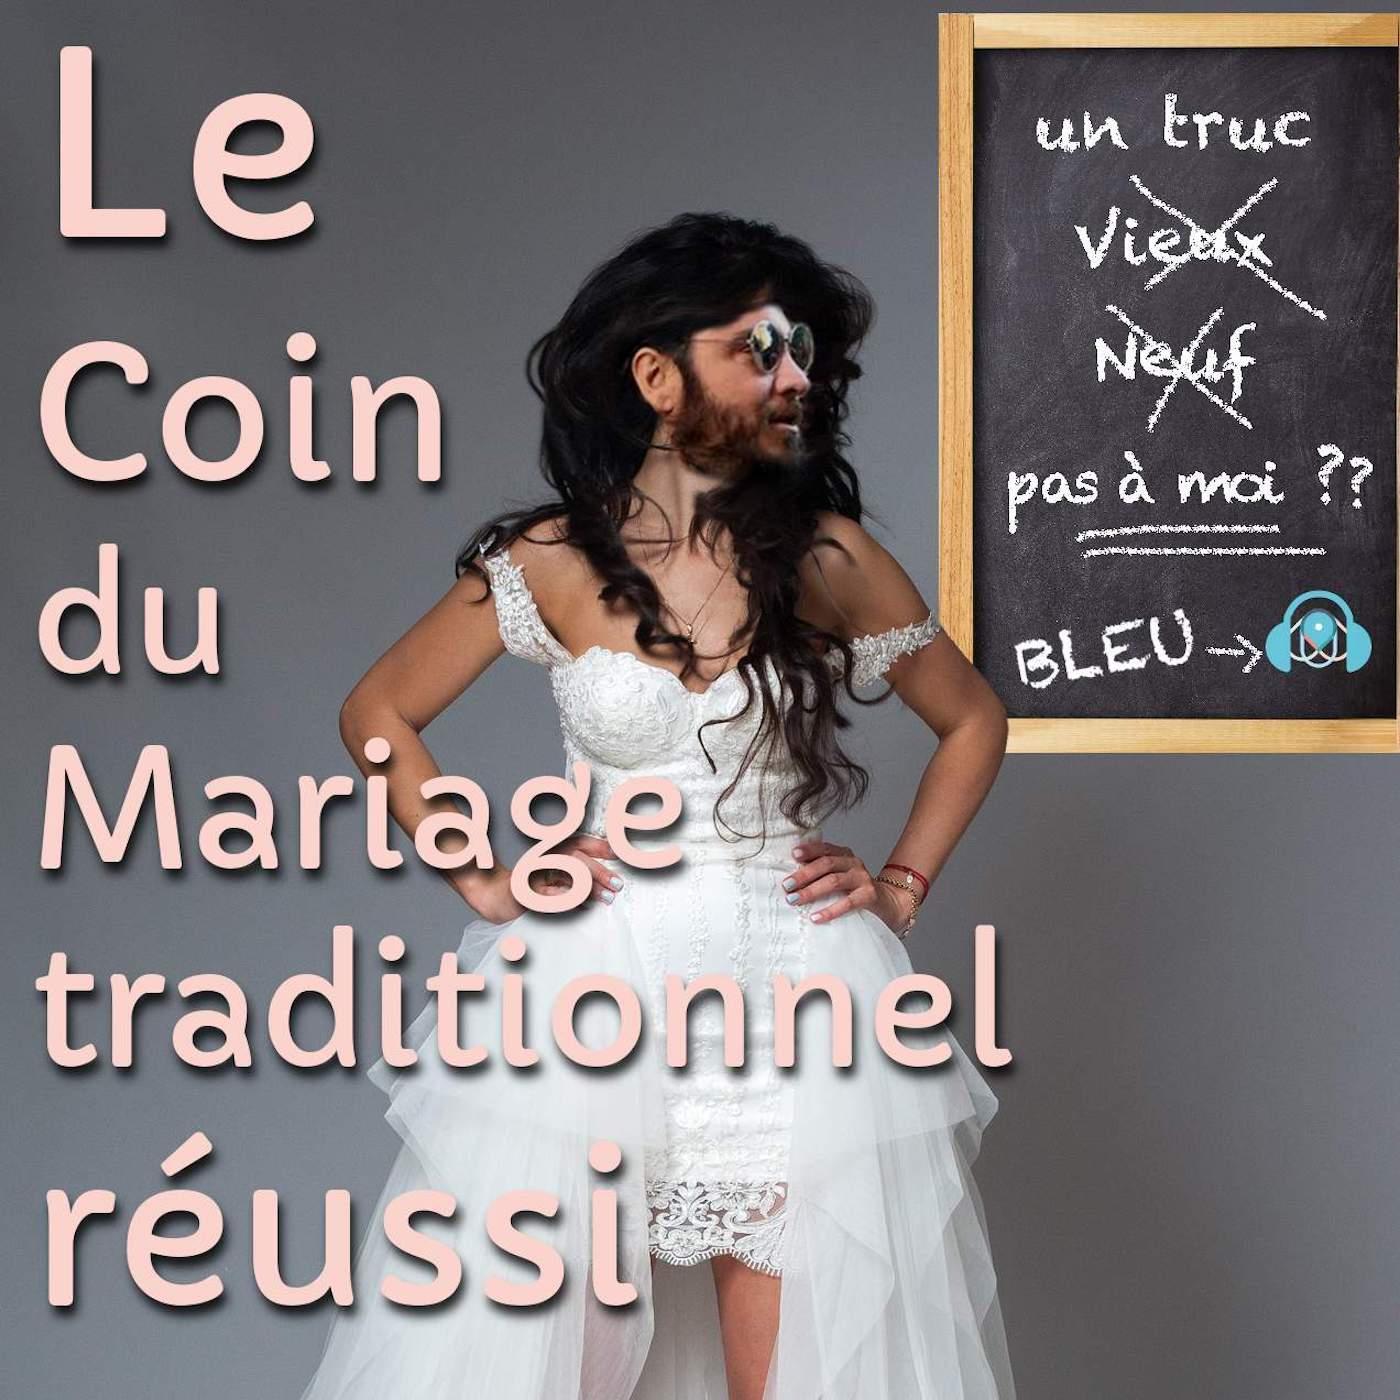 LE COIN DU MARIAGE TRADITIONNEL RÉUSSI S1E23 - Dans l'Espace